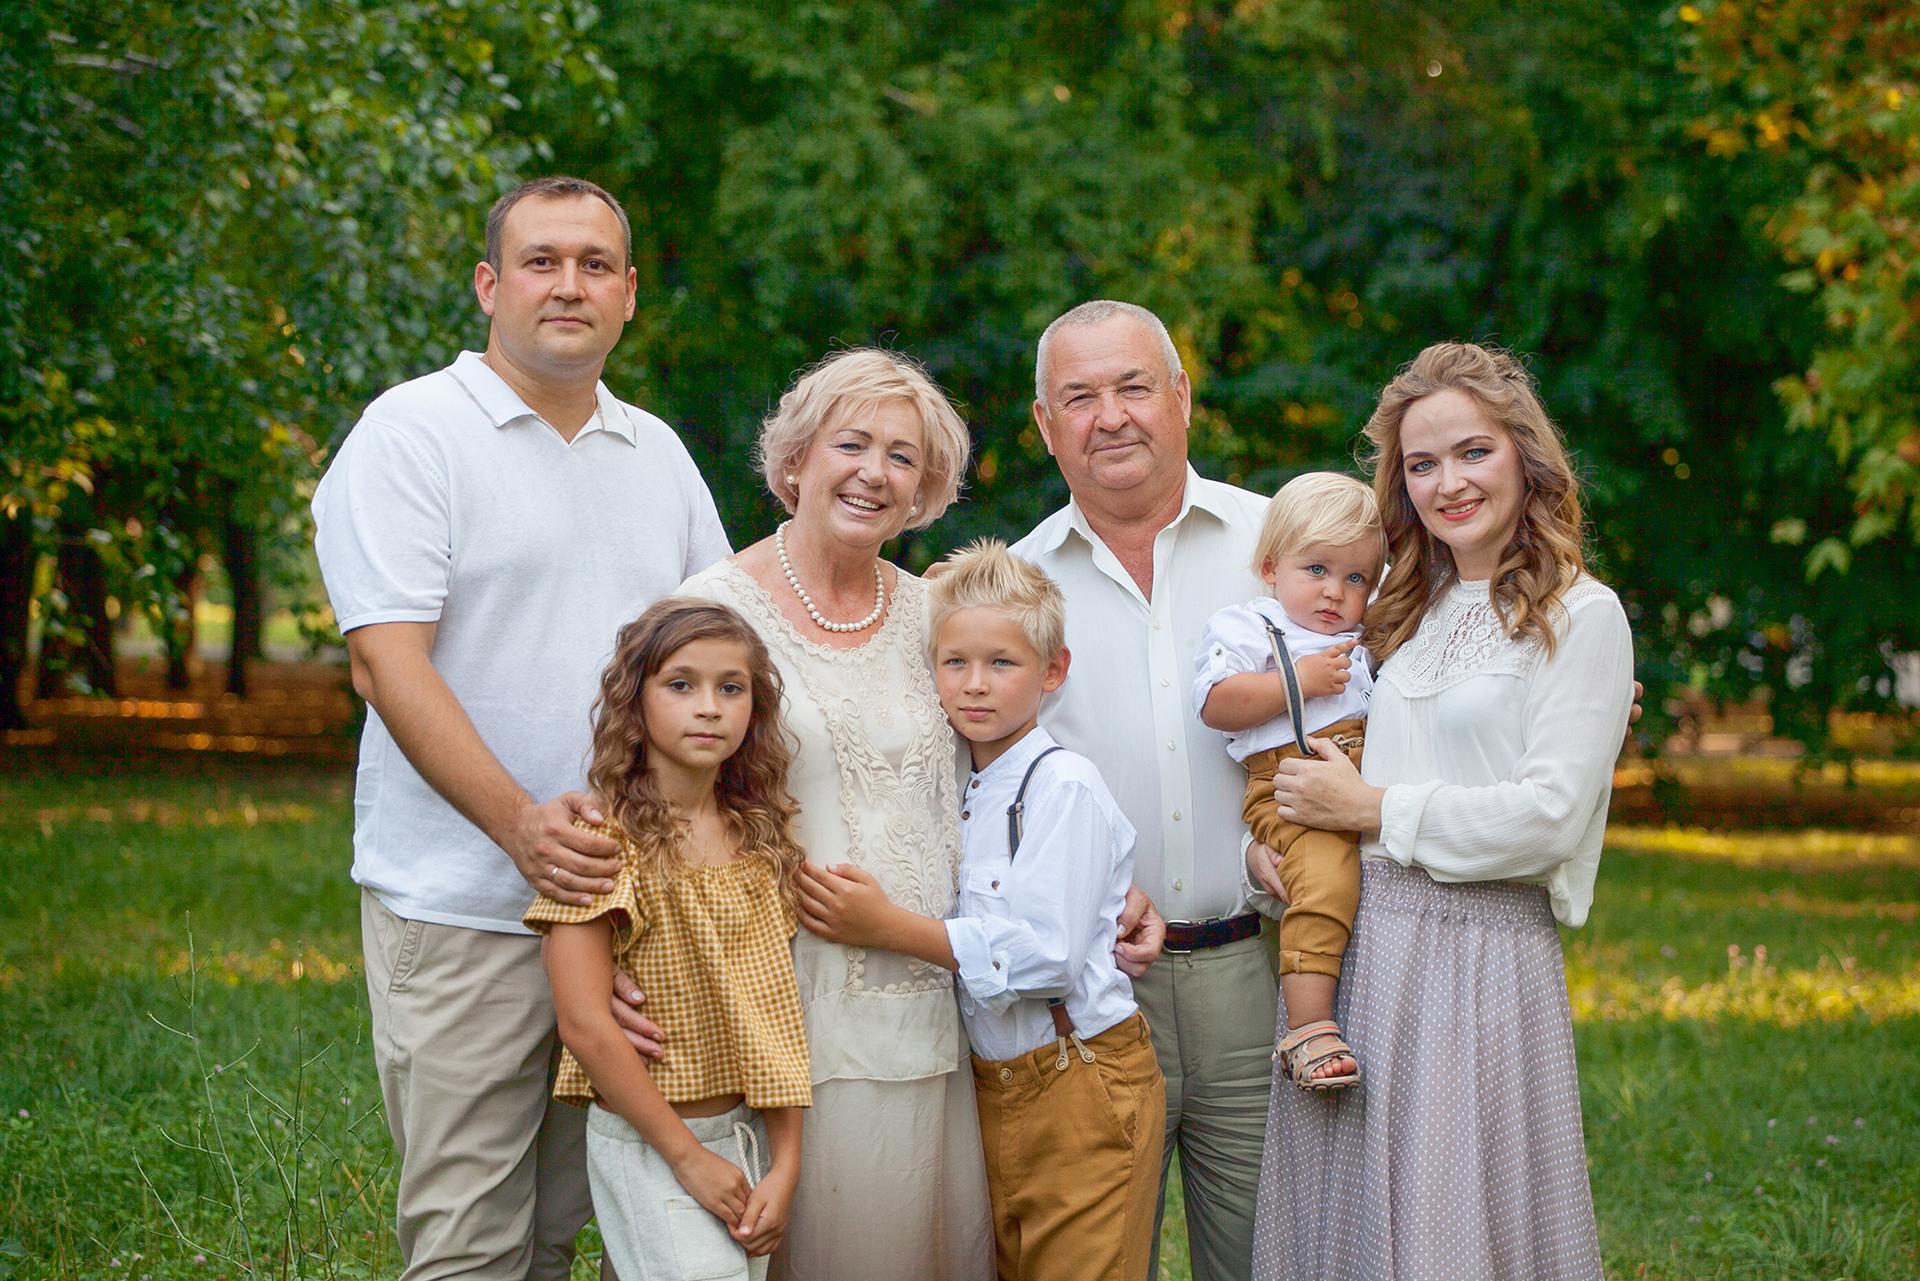 смотреть фото семьи швыдкова этой статьи том